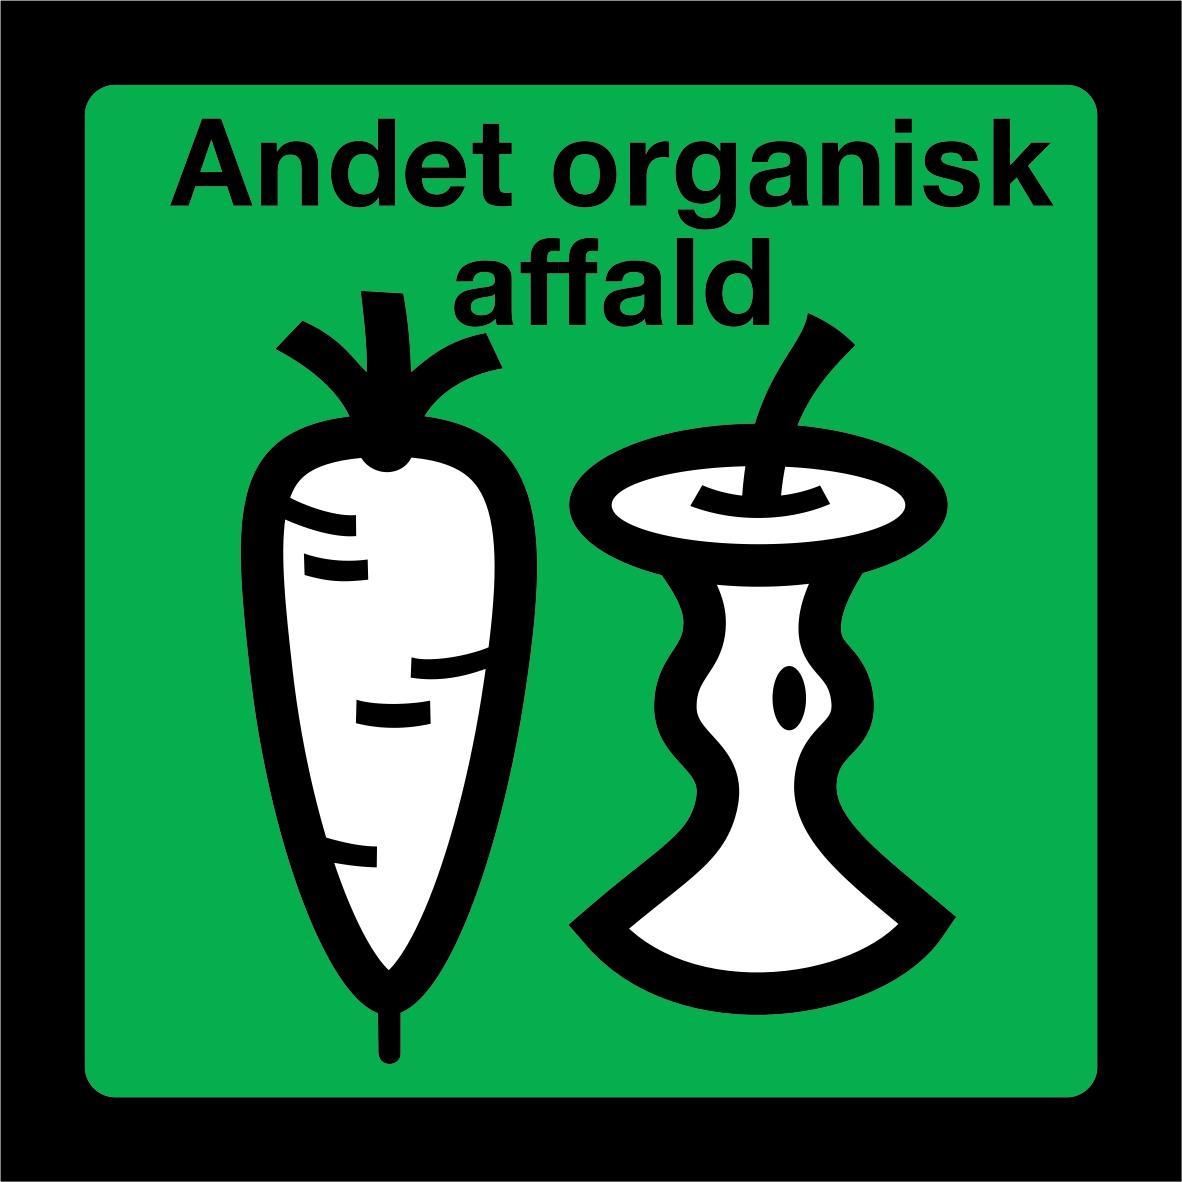 Andet organisk affald